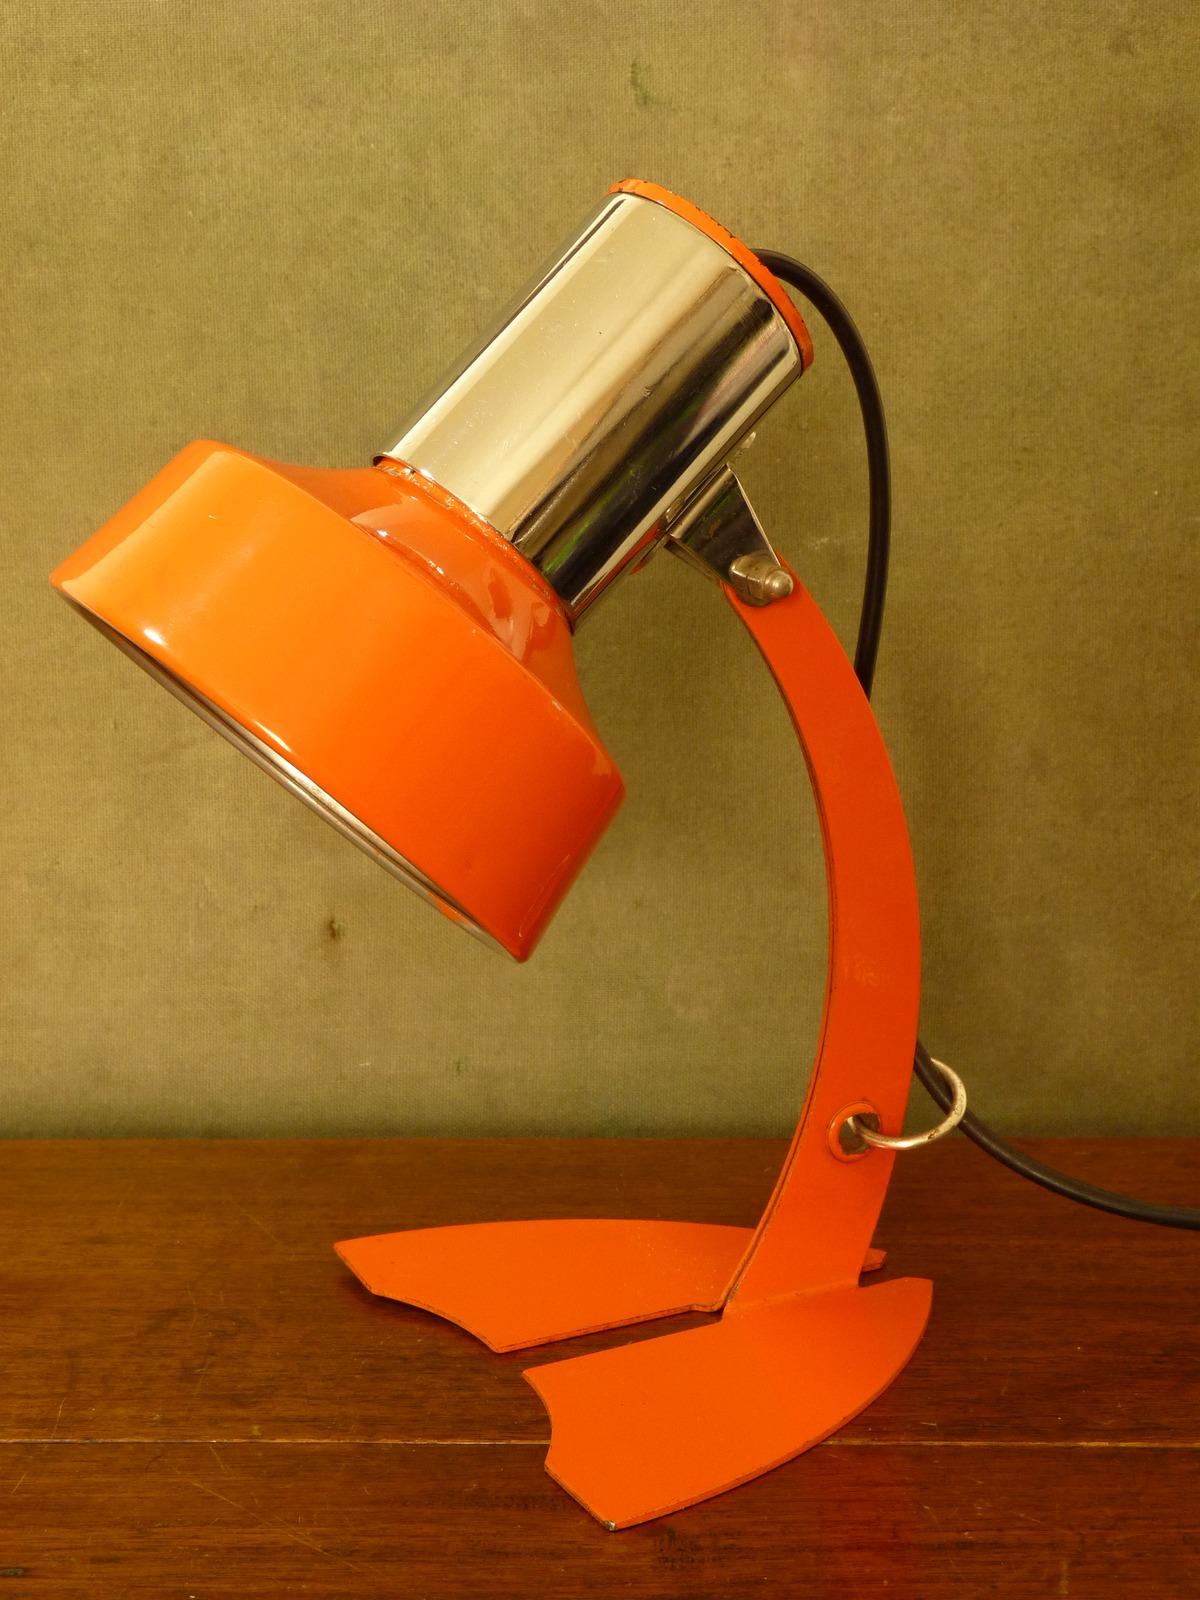 Vintage Hustadt Leuchten Daffy Lamp German 1960s